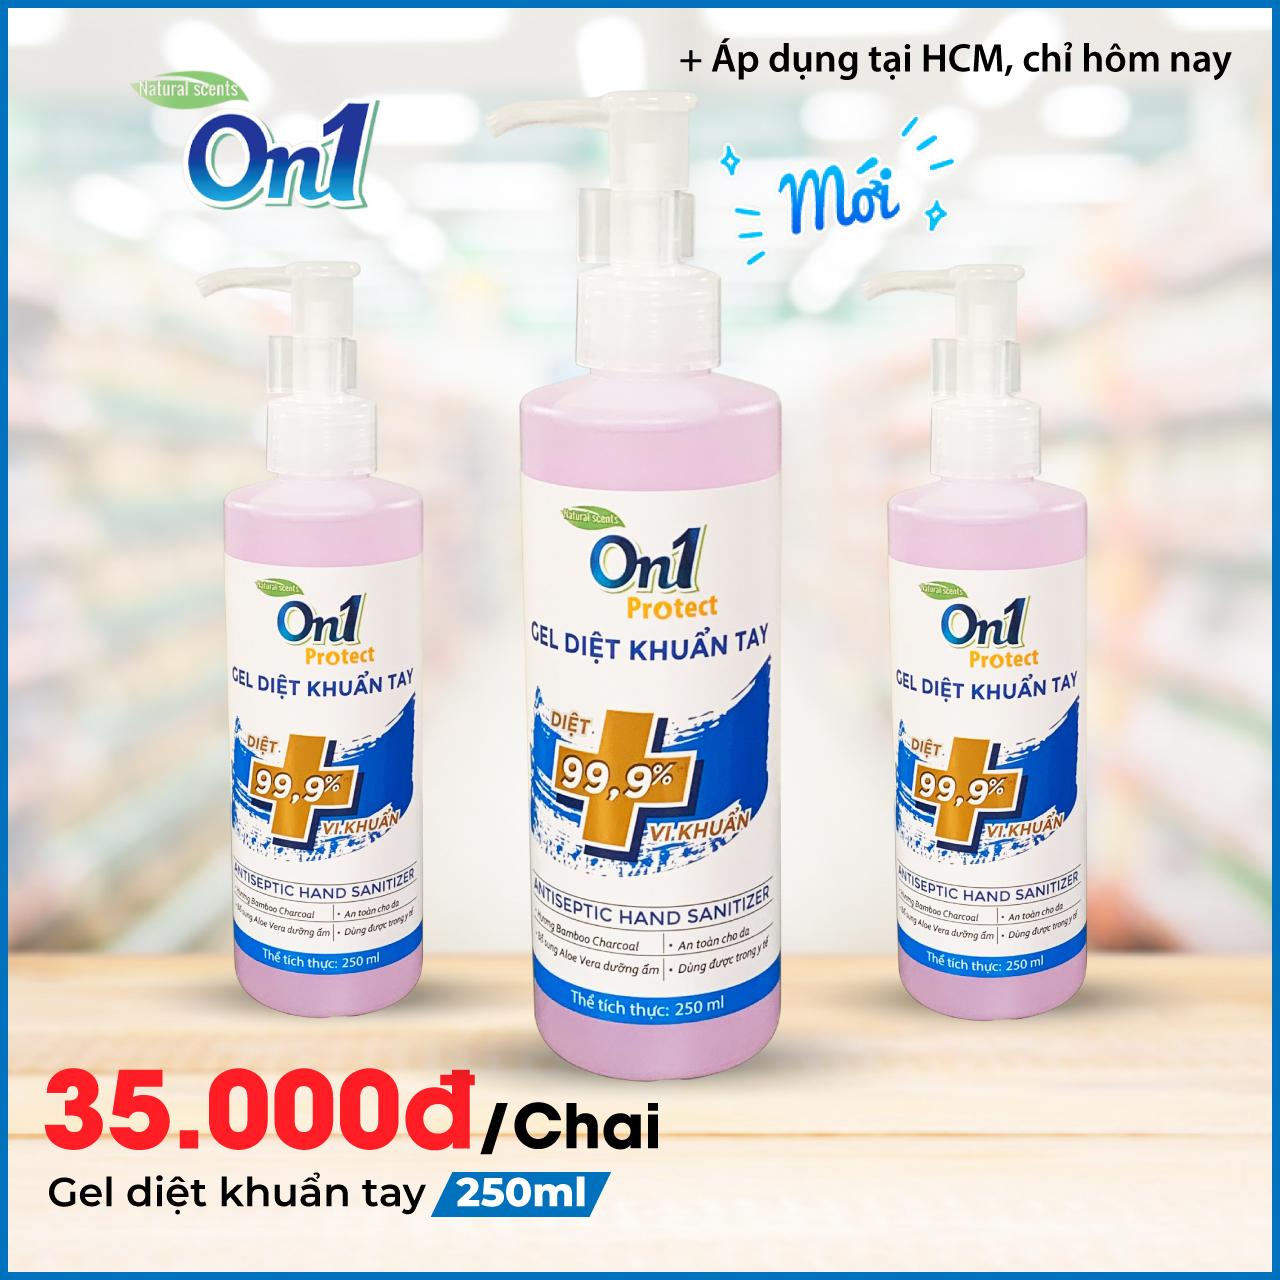 fb-on1-gel-diet-khuan-tay-250ml-4-12072021153940-658.jpg